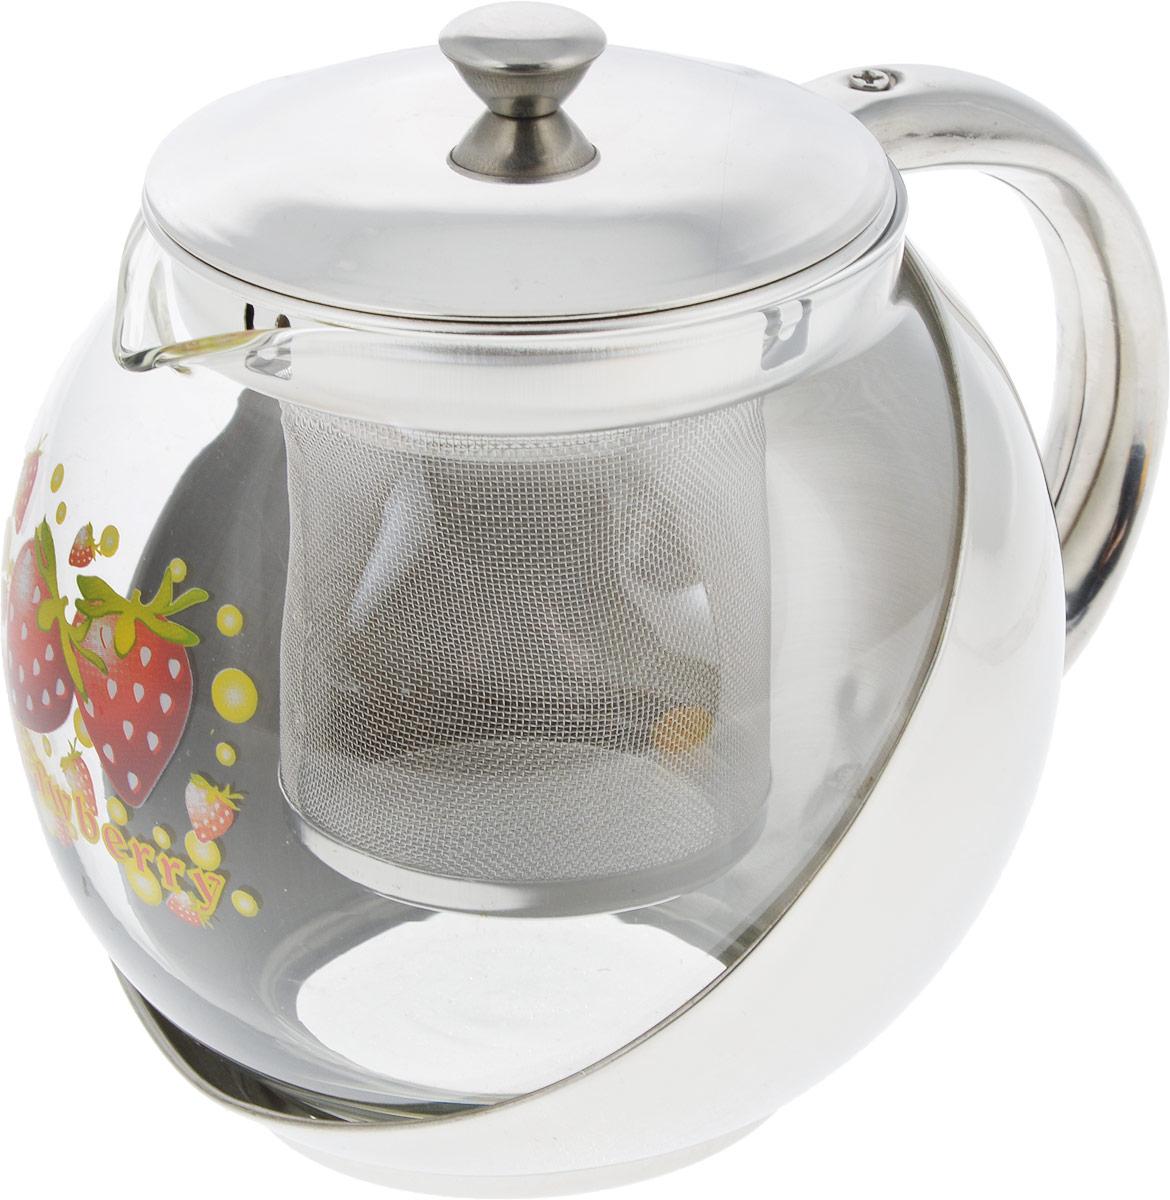 Чайник заварочный Mayer & Boch Клубника, с фильтром, 700 мл2025_клубникаЗаварочный чайник Mayer & Boch Клубника позволит быстро и просто приготовить свежий и ароматный чай или кофе. Съемный фильтр из нержавеющей стали поможет приготовить чистый напиток без частиц заварки, а прозрачные стенки стеклянной колбы позволят наблюдать за приготовлением напитка.Изящный и современный стиль чайника прекрасно подчеркнет декор любой кухни.Диаметр (по верхнему краю): 8 см.Высота: 11 см.